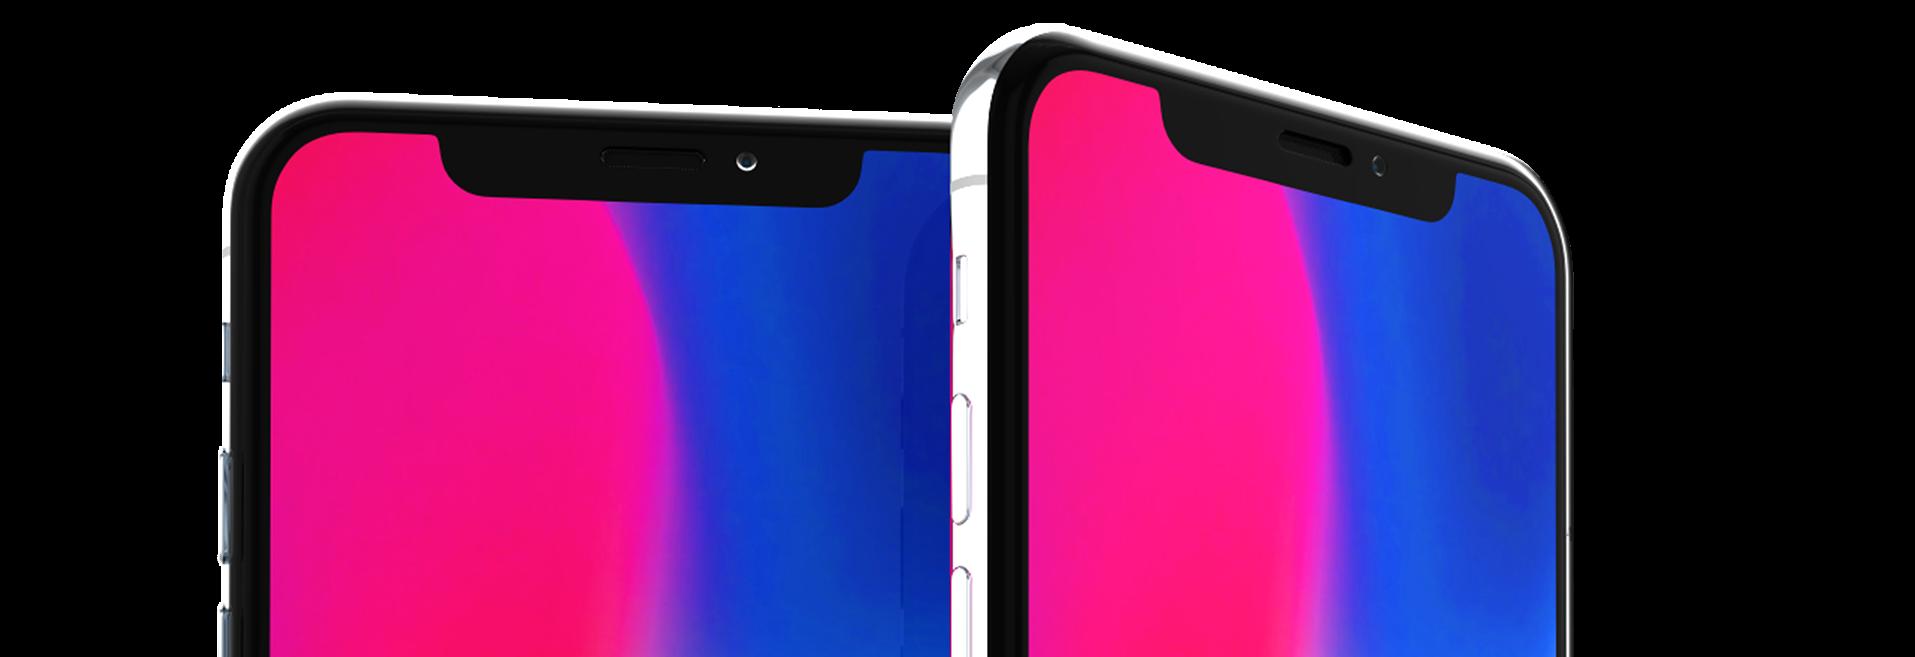 ドコモ | 最新iPhone X / 8 /8plusをお得に機種変更するプランの解説